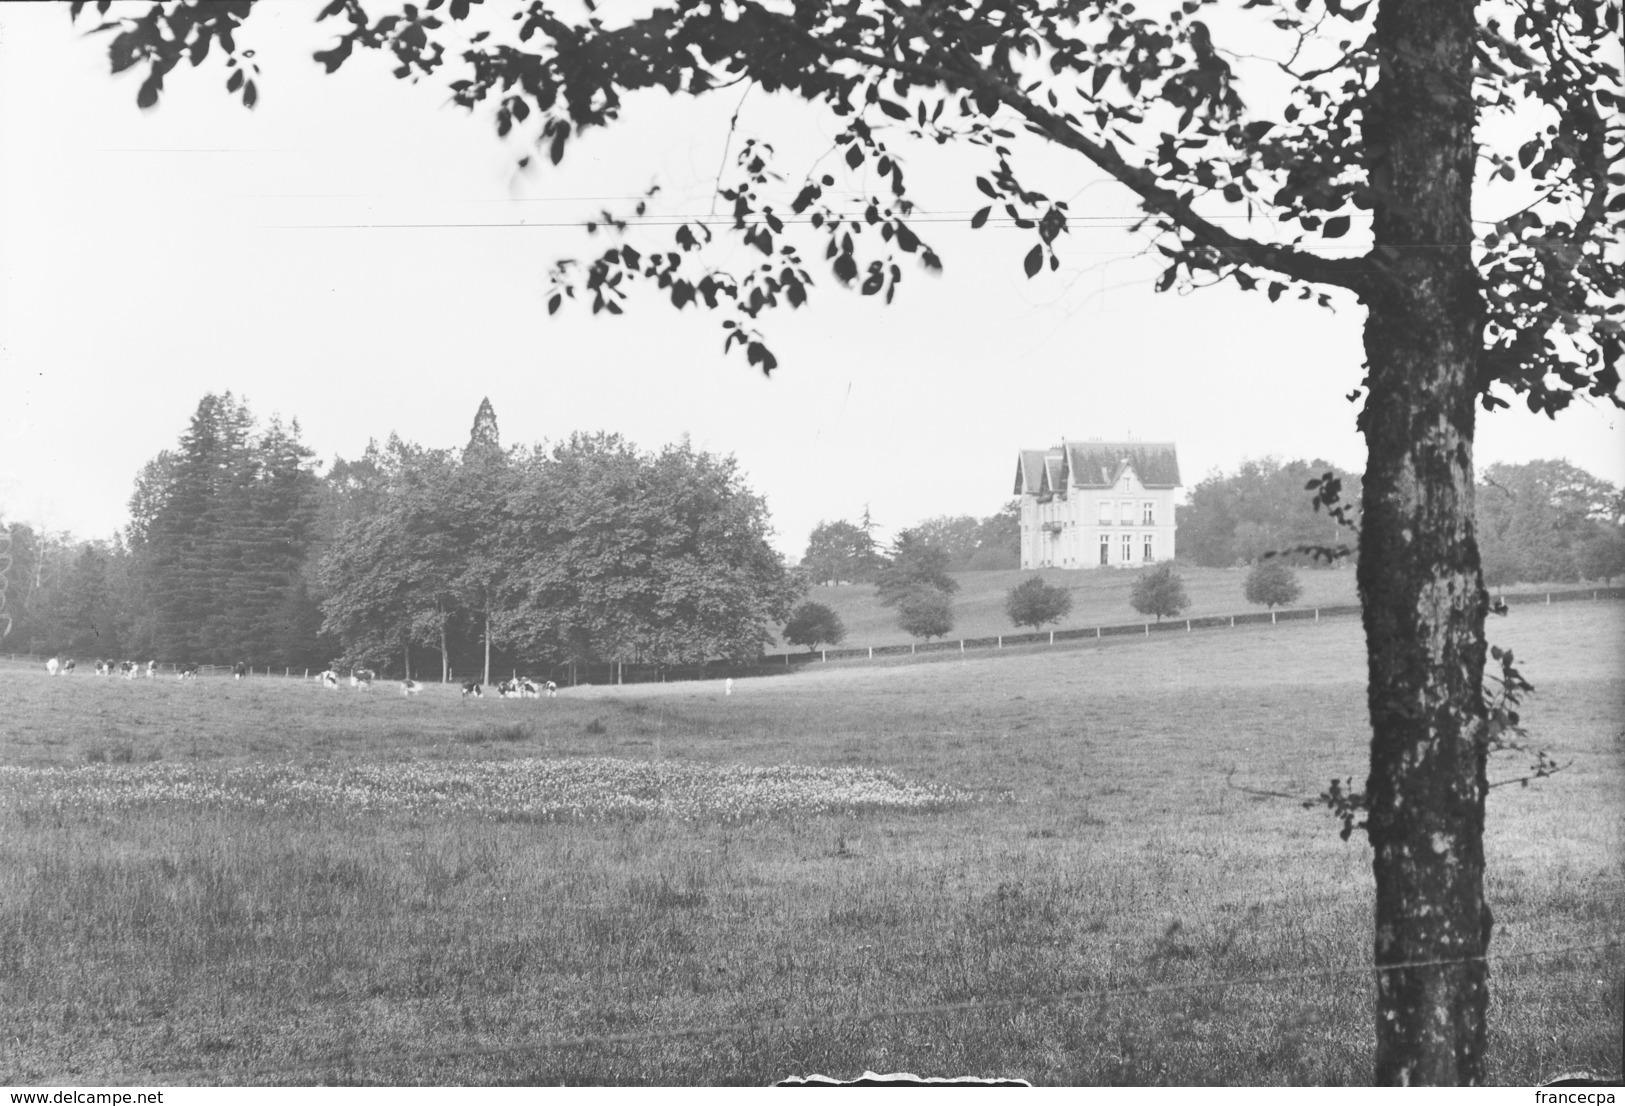 PN - 183 - CHARENTE - 16  SAINT CLAUD - Chateau De Fregnaudies - Plaques De Verre